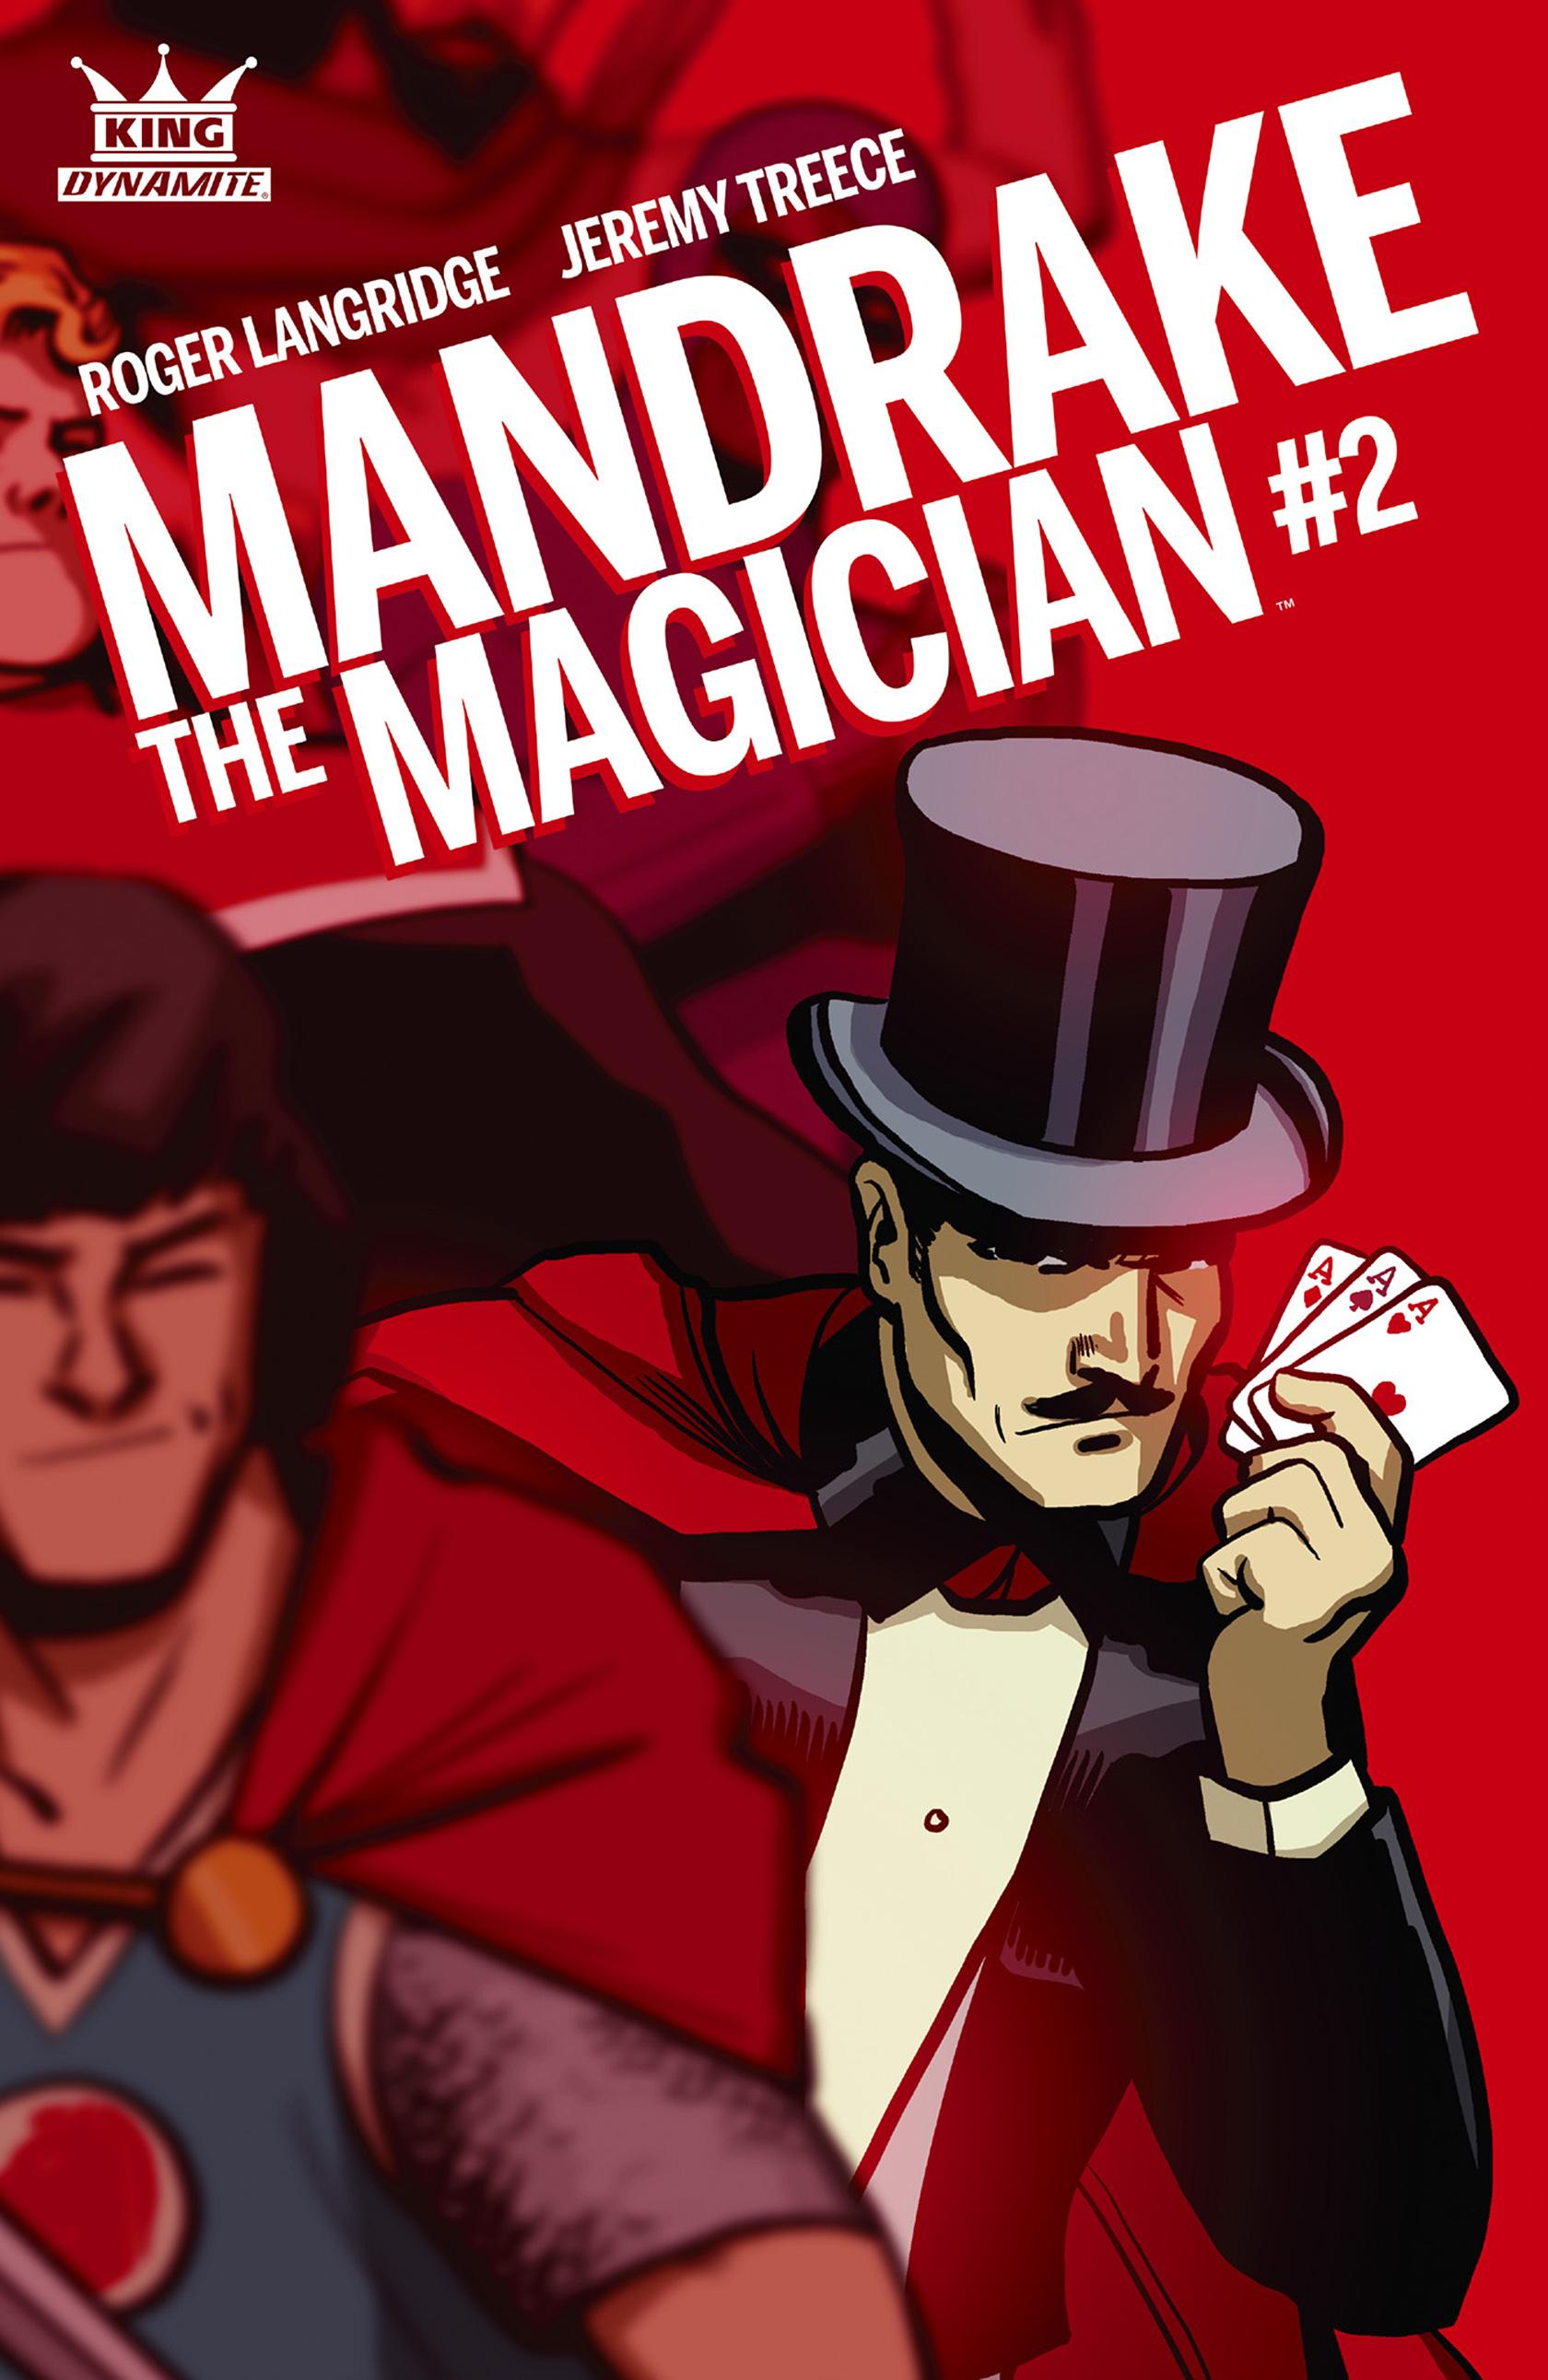 King: Mandrake the Magician 2 Page 1